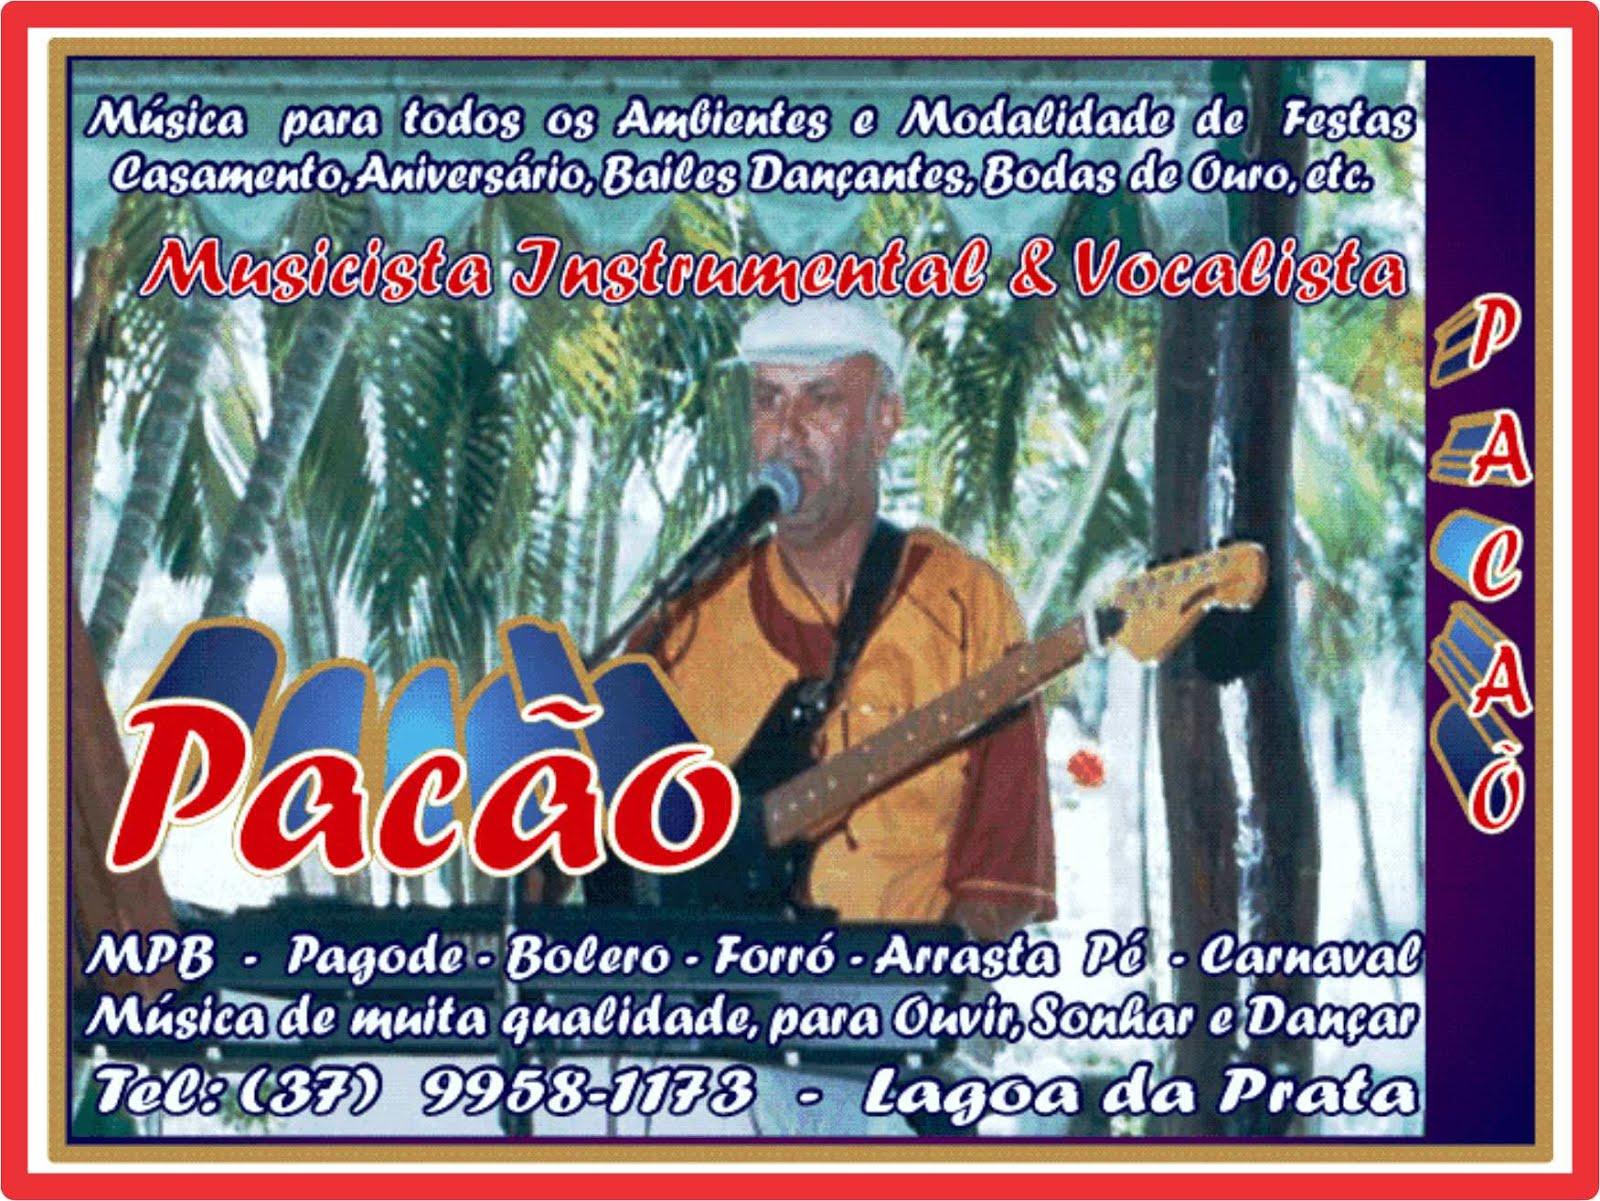 Pacão Música Ao Vivo Para Eventos, Festas, Aniversários,Etc.